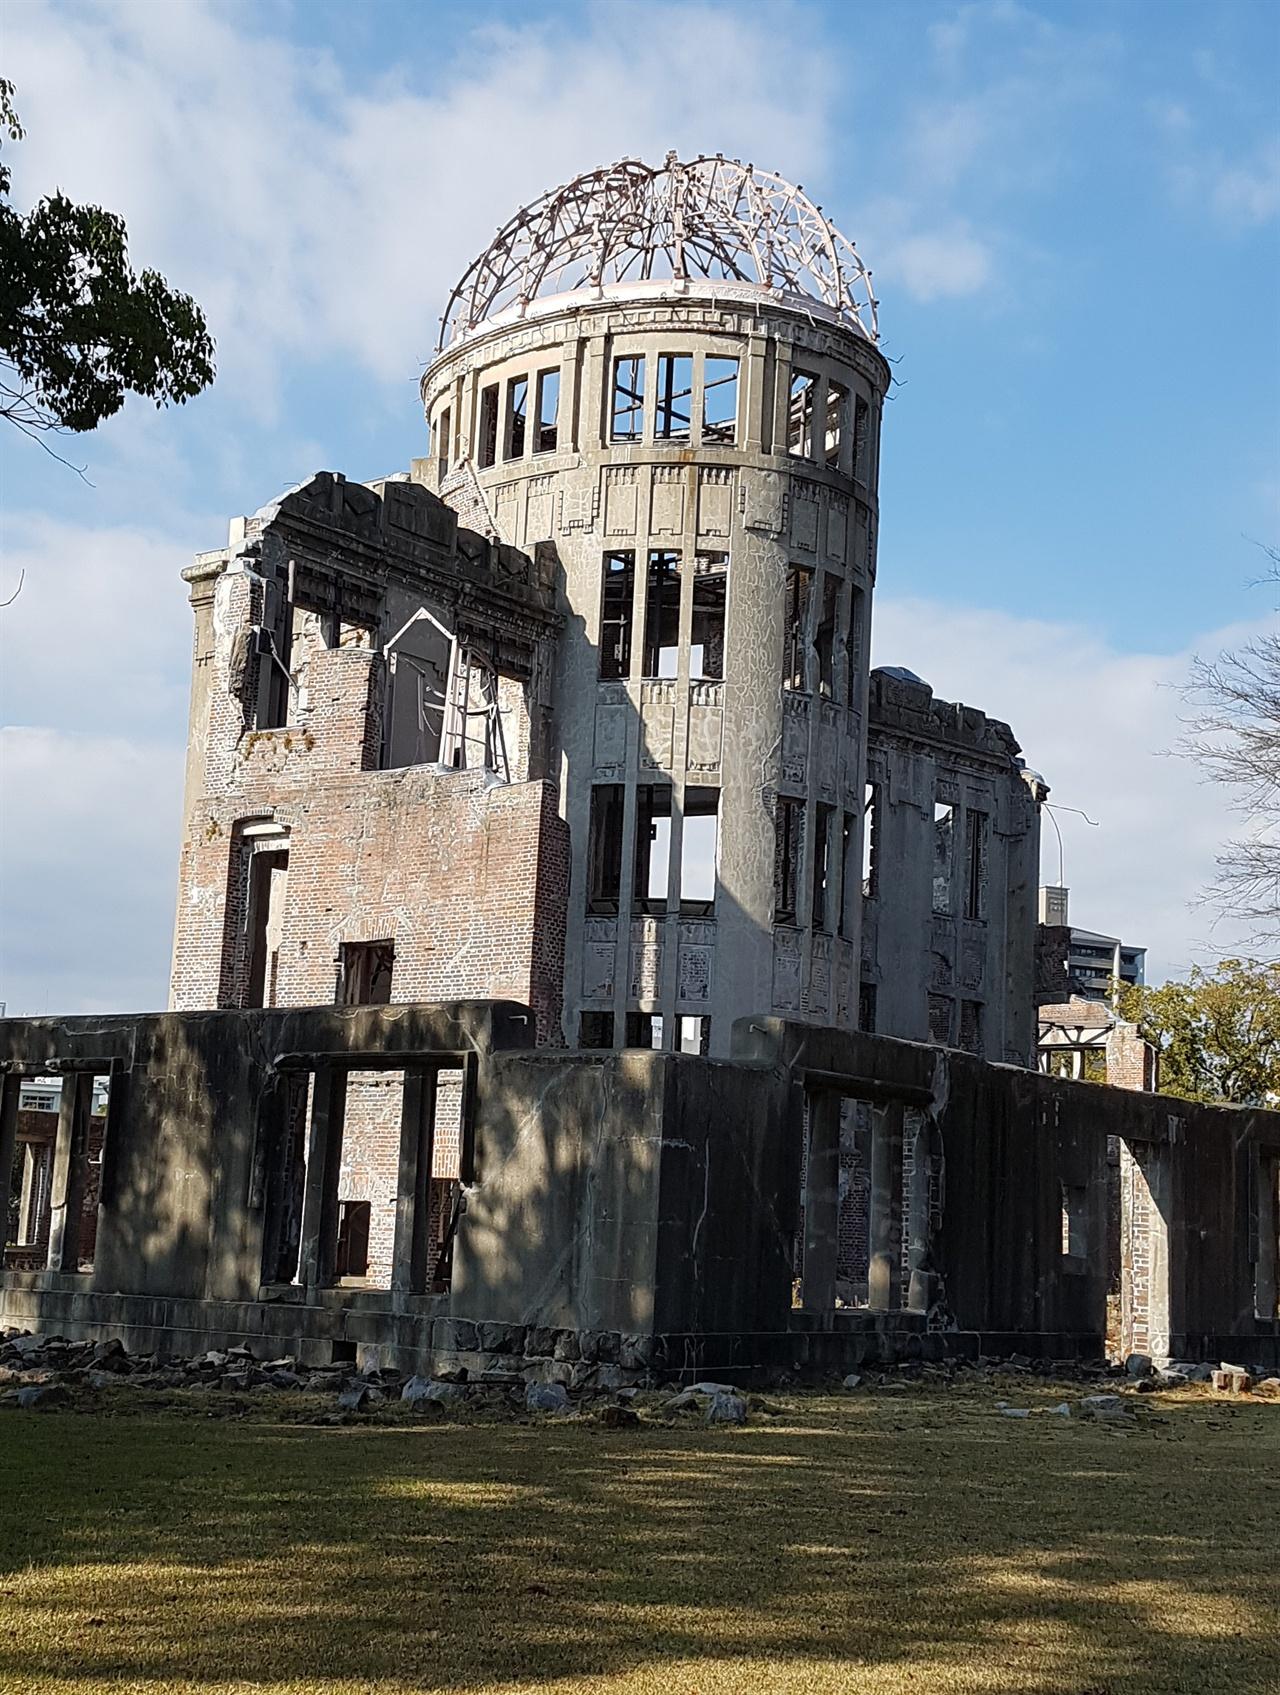 히로시마 원형돔 히로시마 원폭피해의 상징